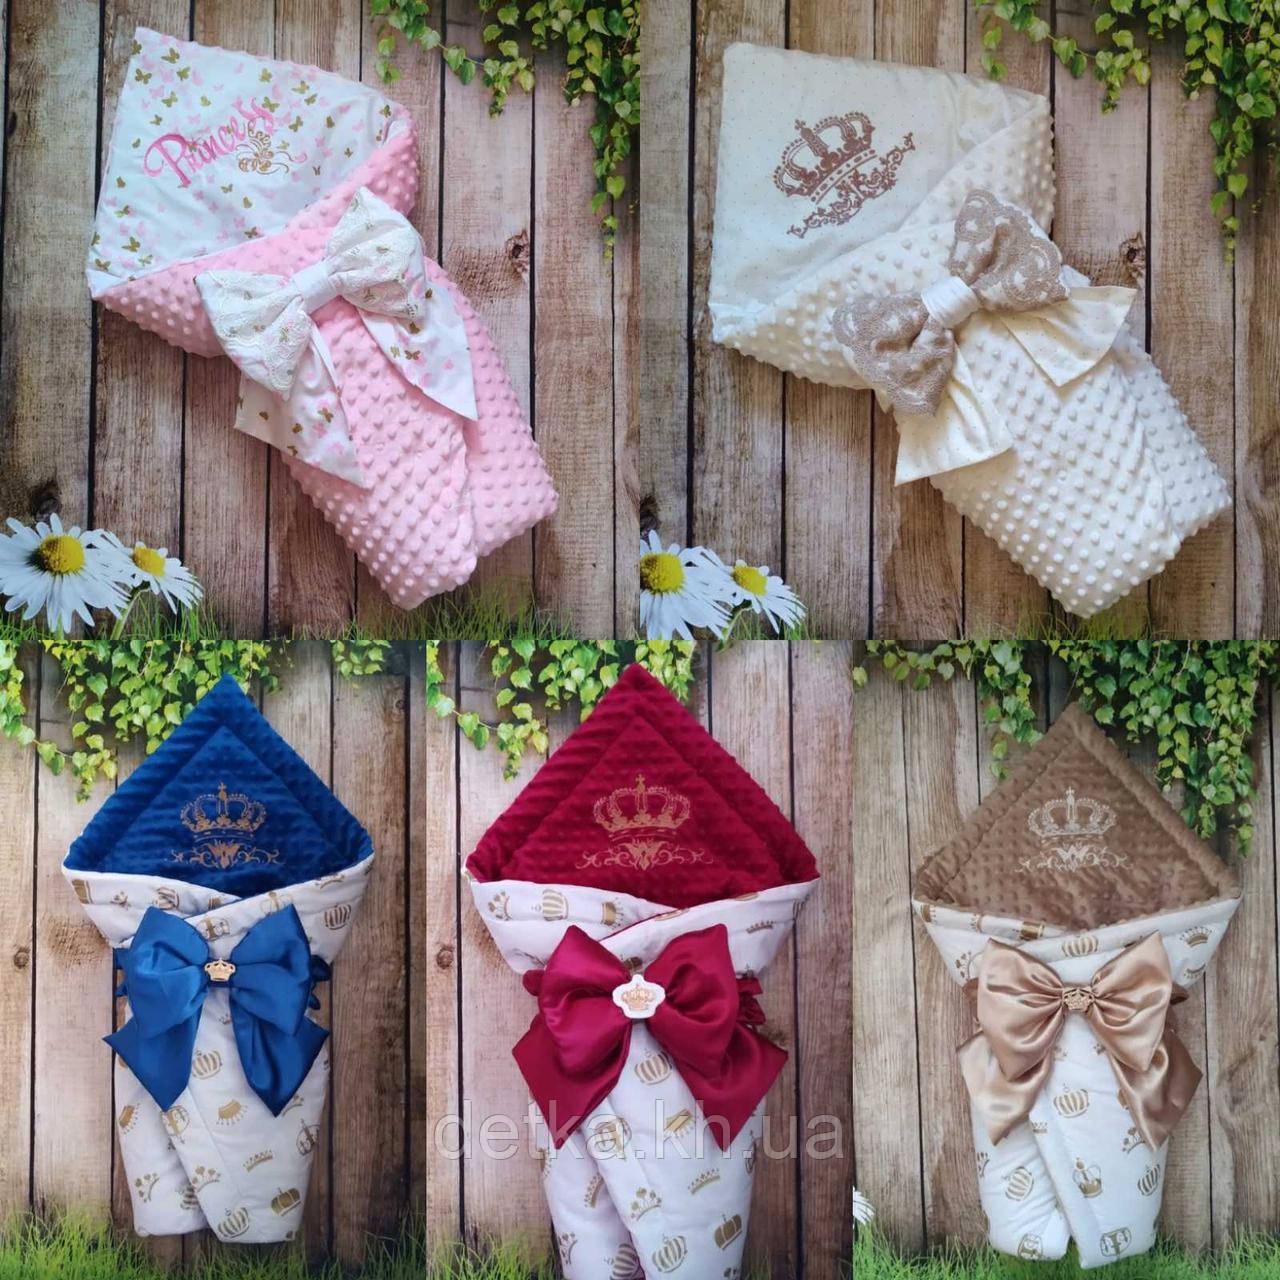 Нарядный конверт, одеяло для новорожденного весна/осень